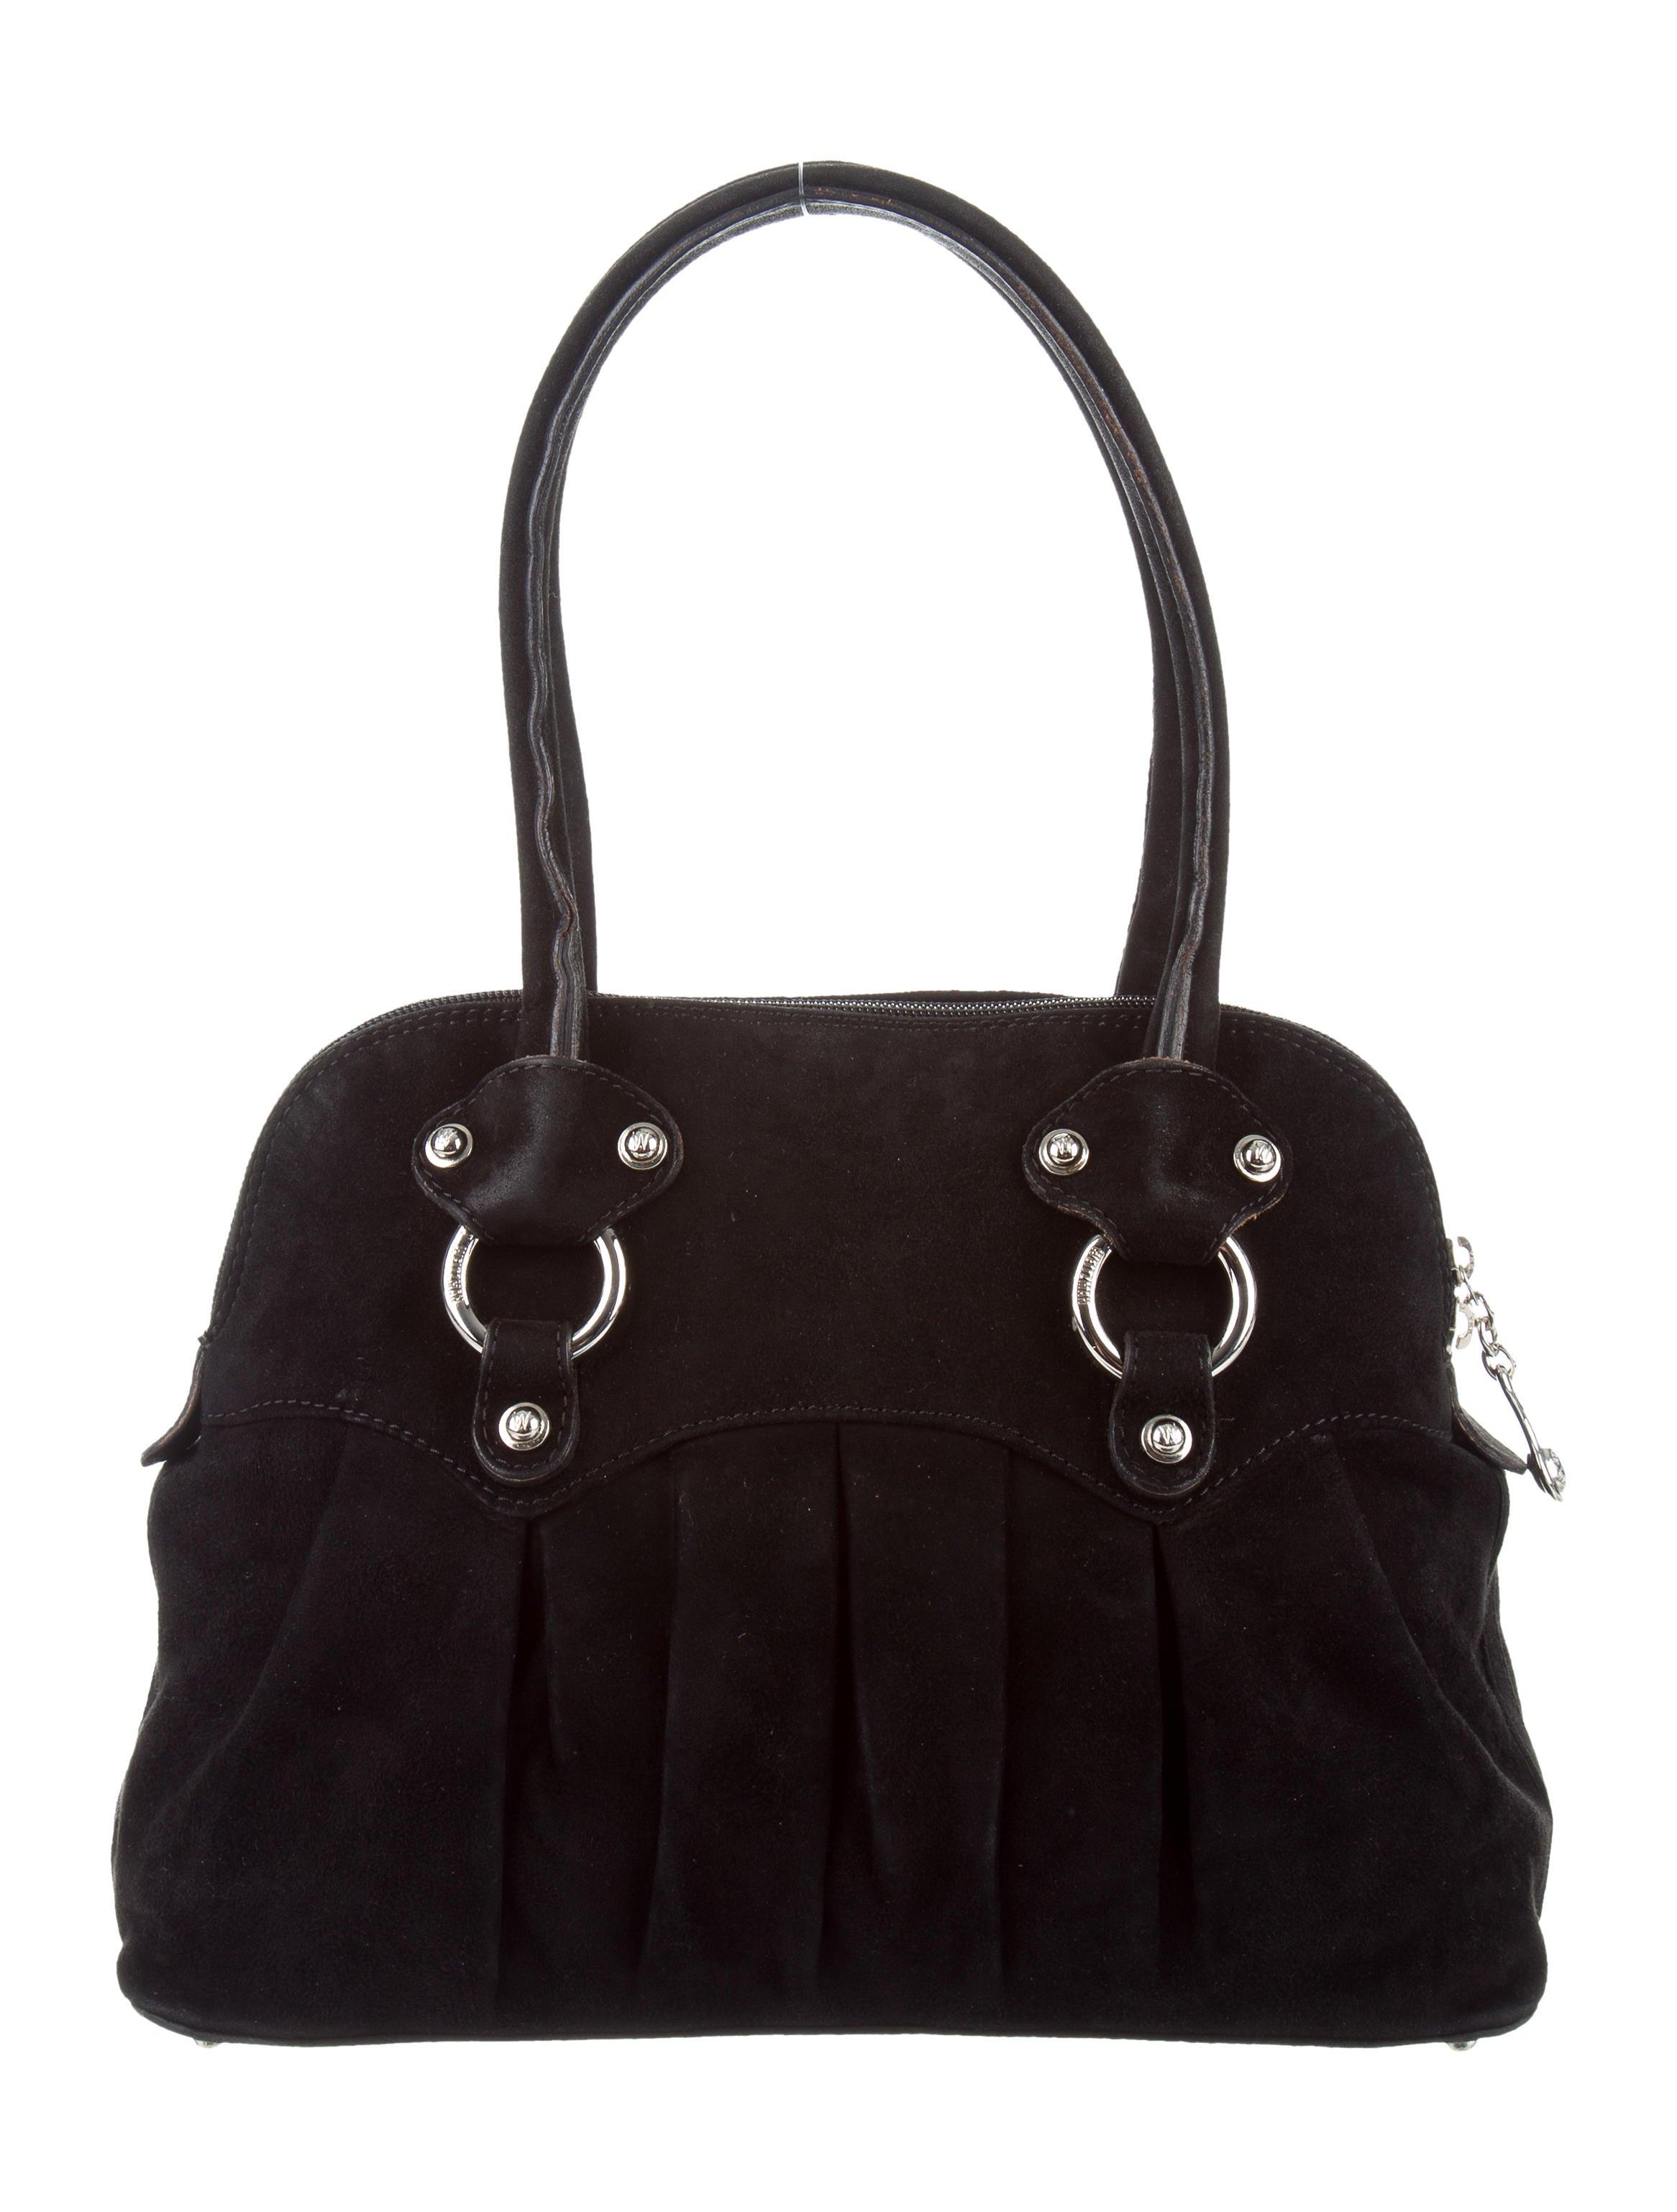 Stuart Weitzman Suede Shoulder Bag Handbags Wsu29212